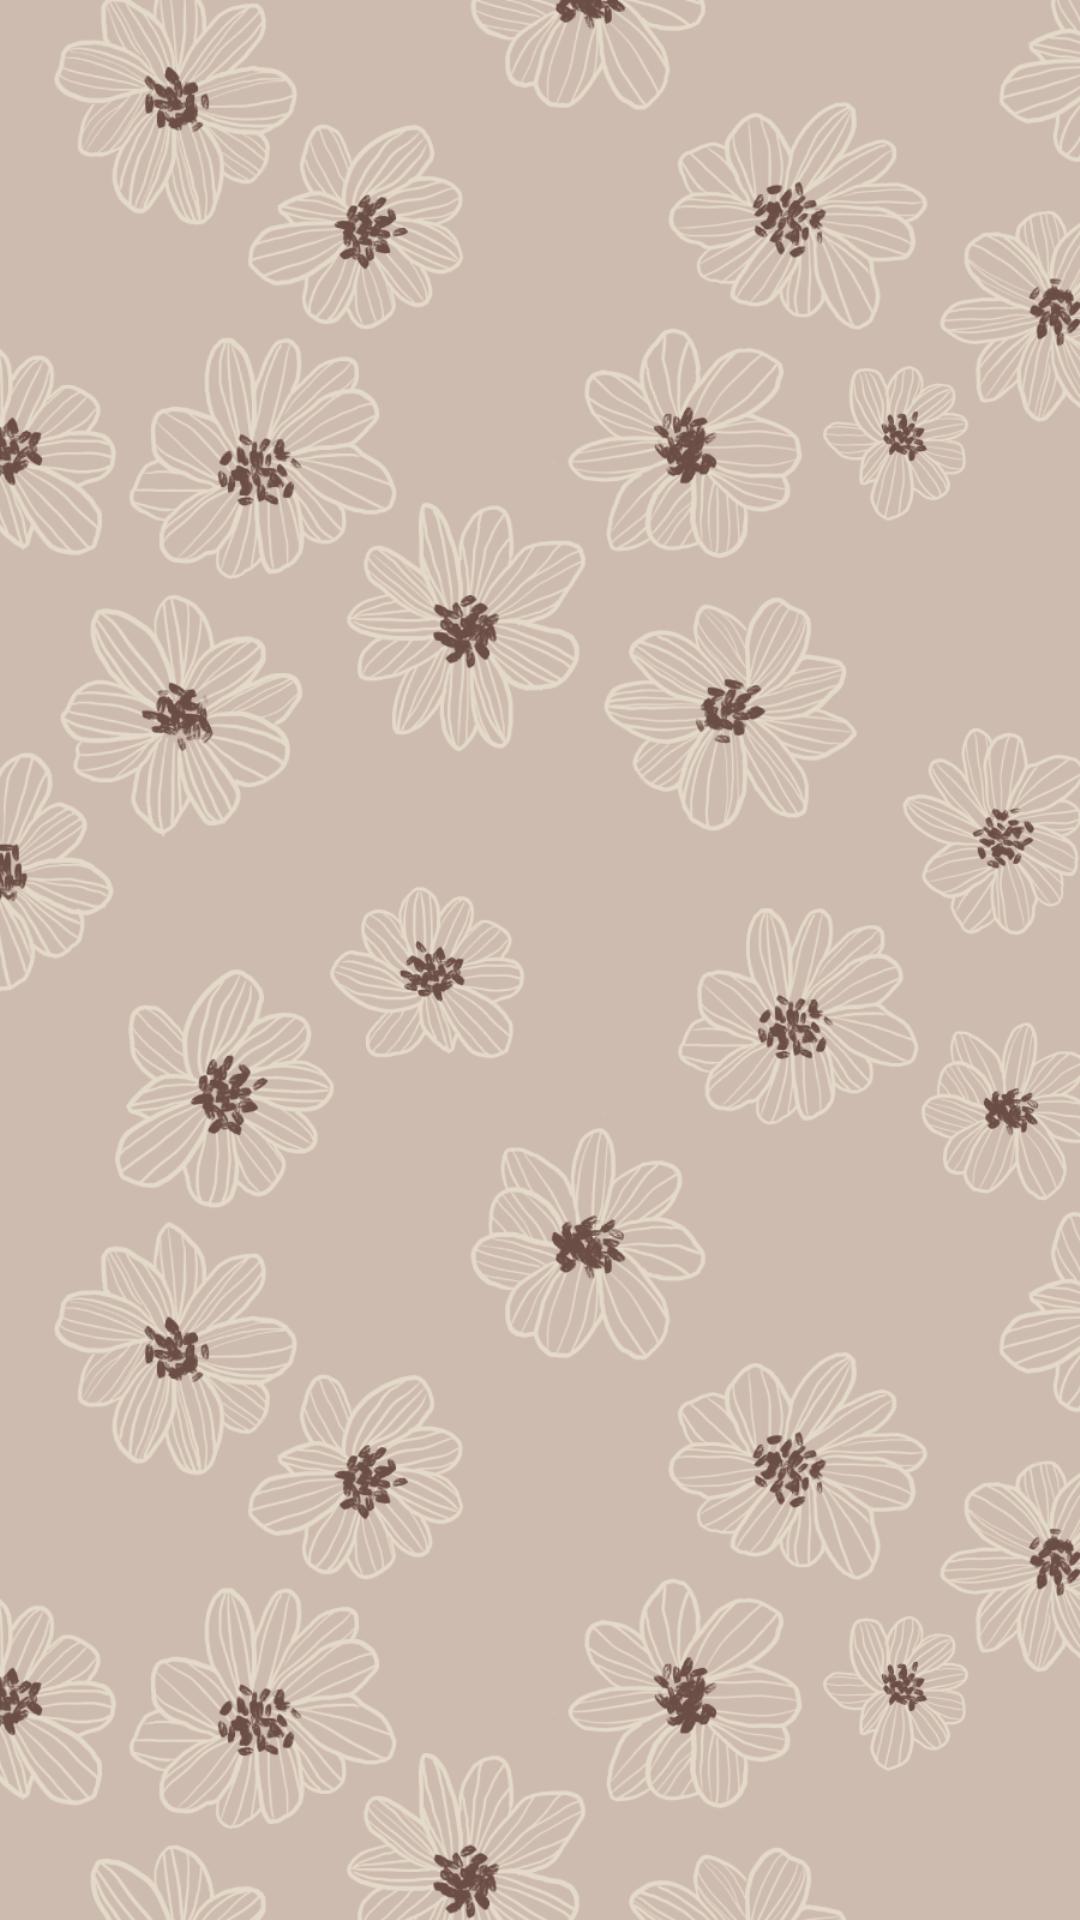 Daisy Crown Pattern Wallpaper